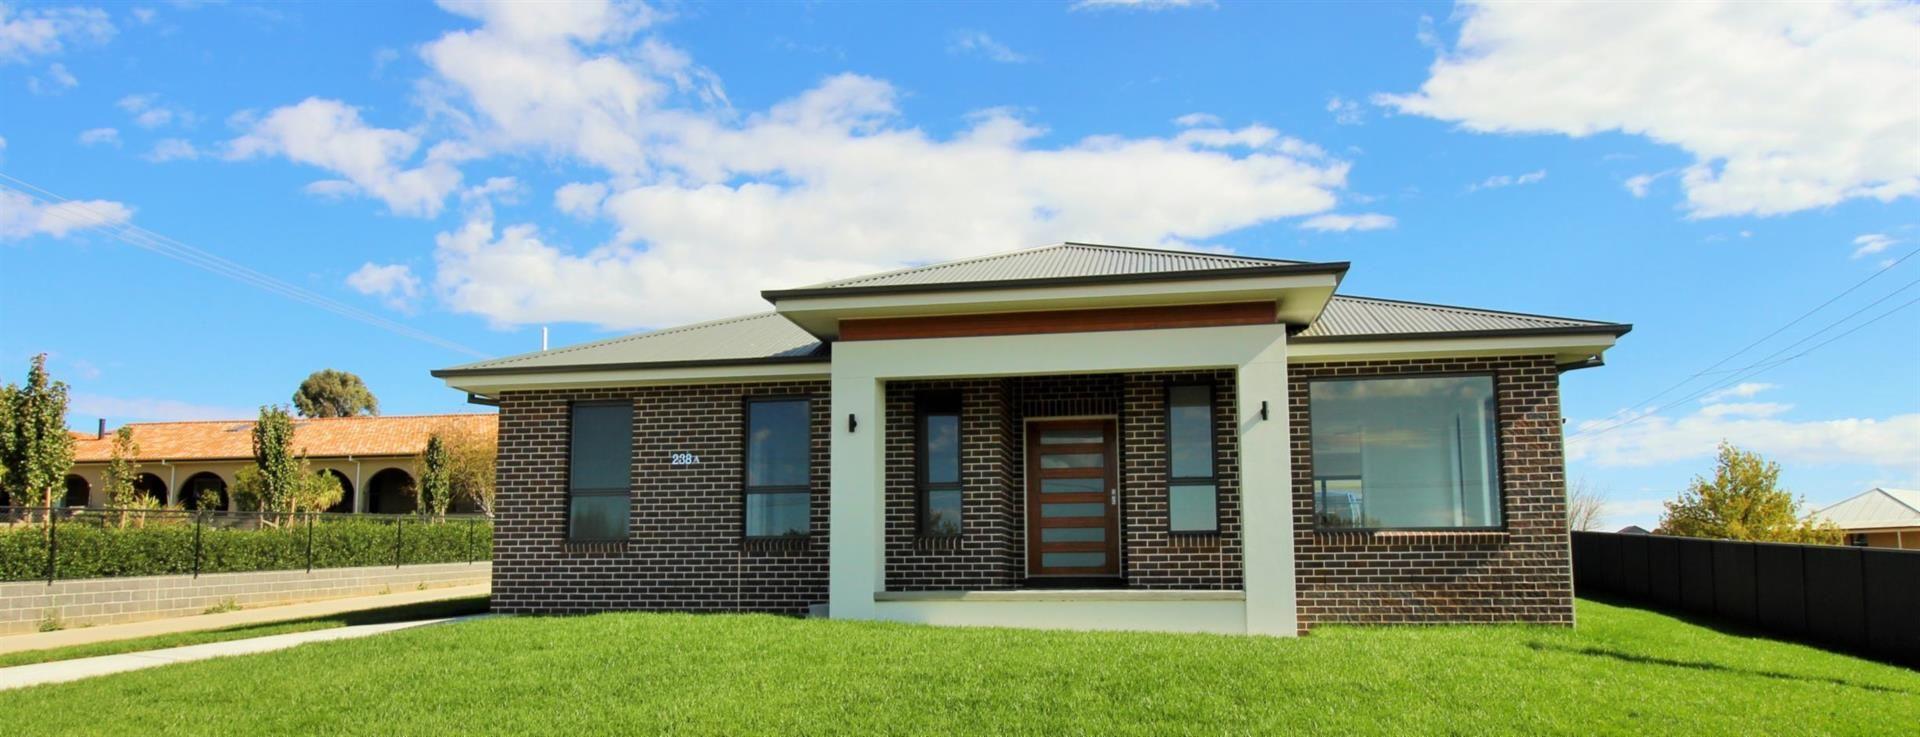 238A Eglinton Road, Llanarth NSW 2795, Image 0